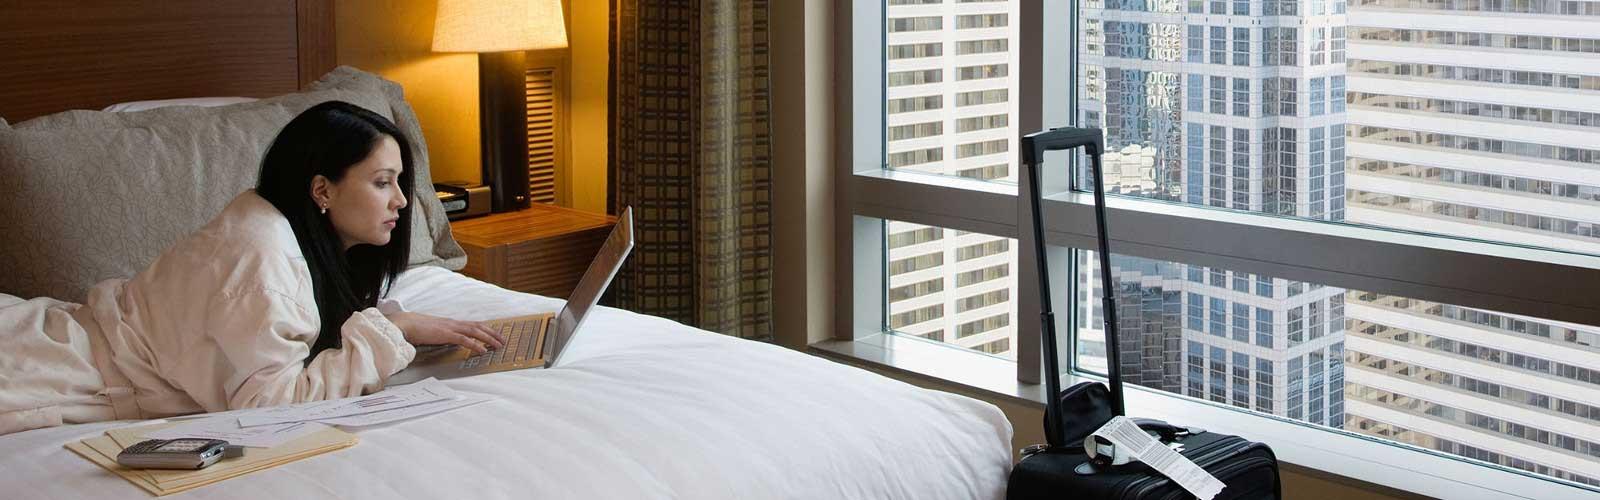 Wifi per hotel: tutte le migliori soluzioni